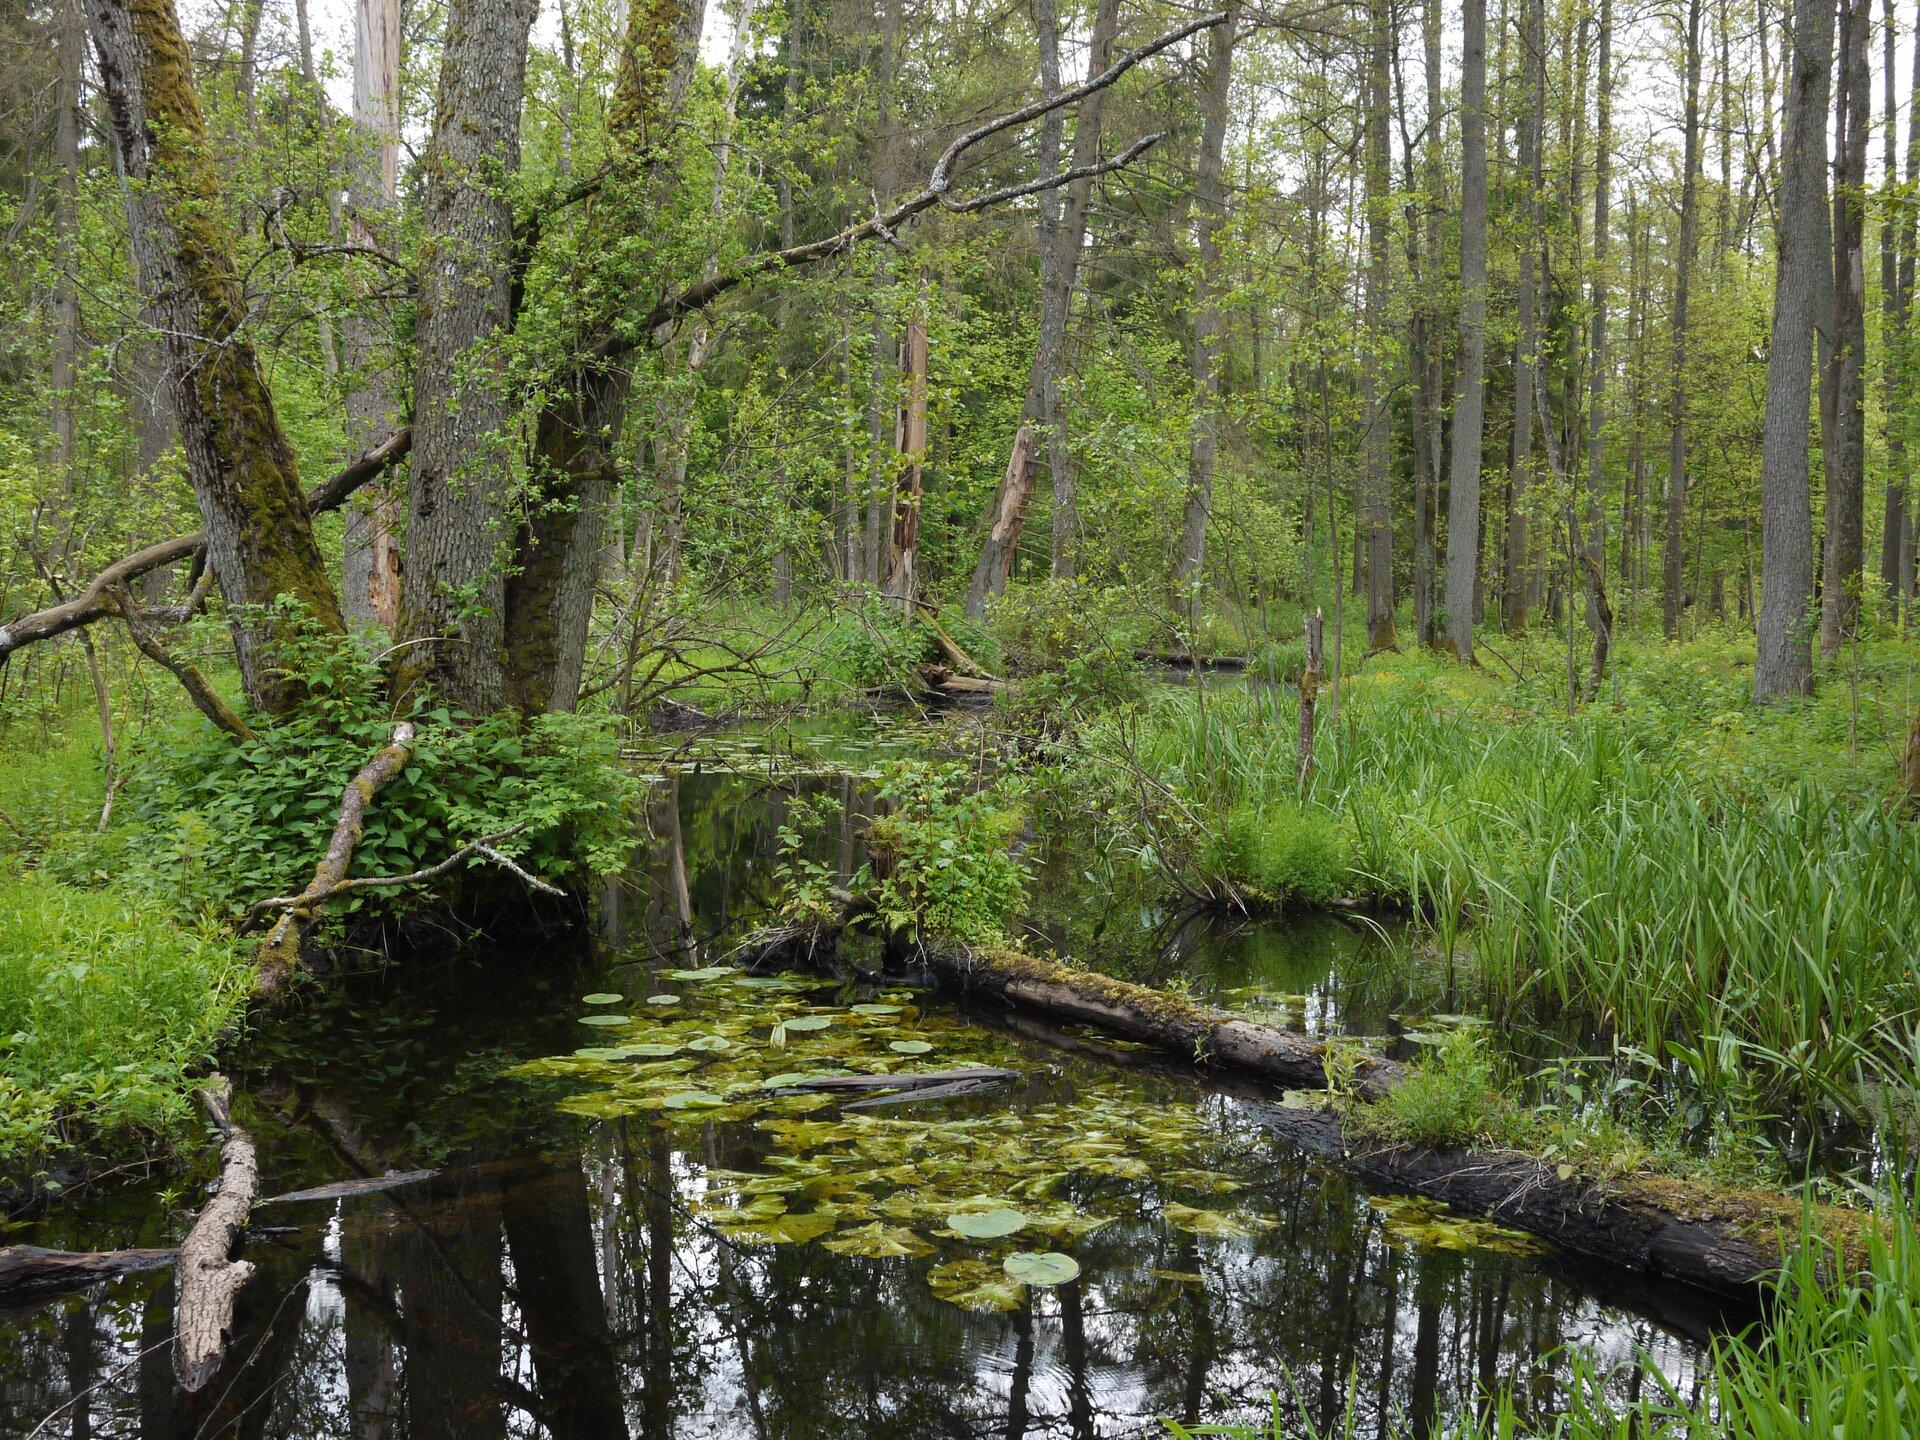 Fotografia ukazująca podmokły las Puszczy Białowieskiej. Na pierwszym planie stojąca woda, wokół wyrastające trawy. Wtle liczne drzewa.